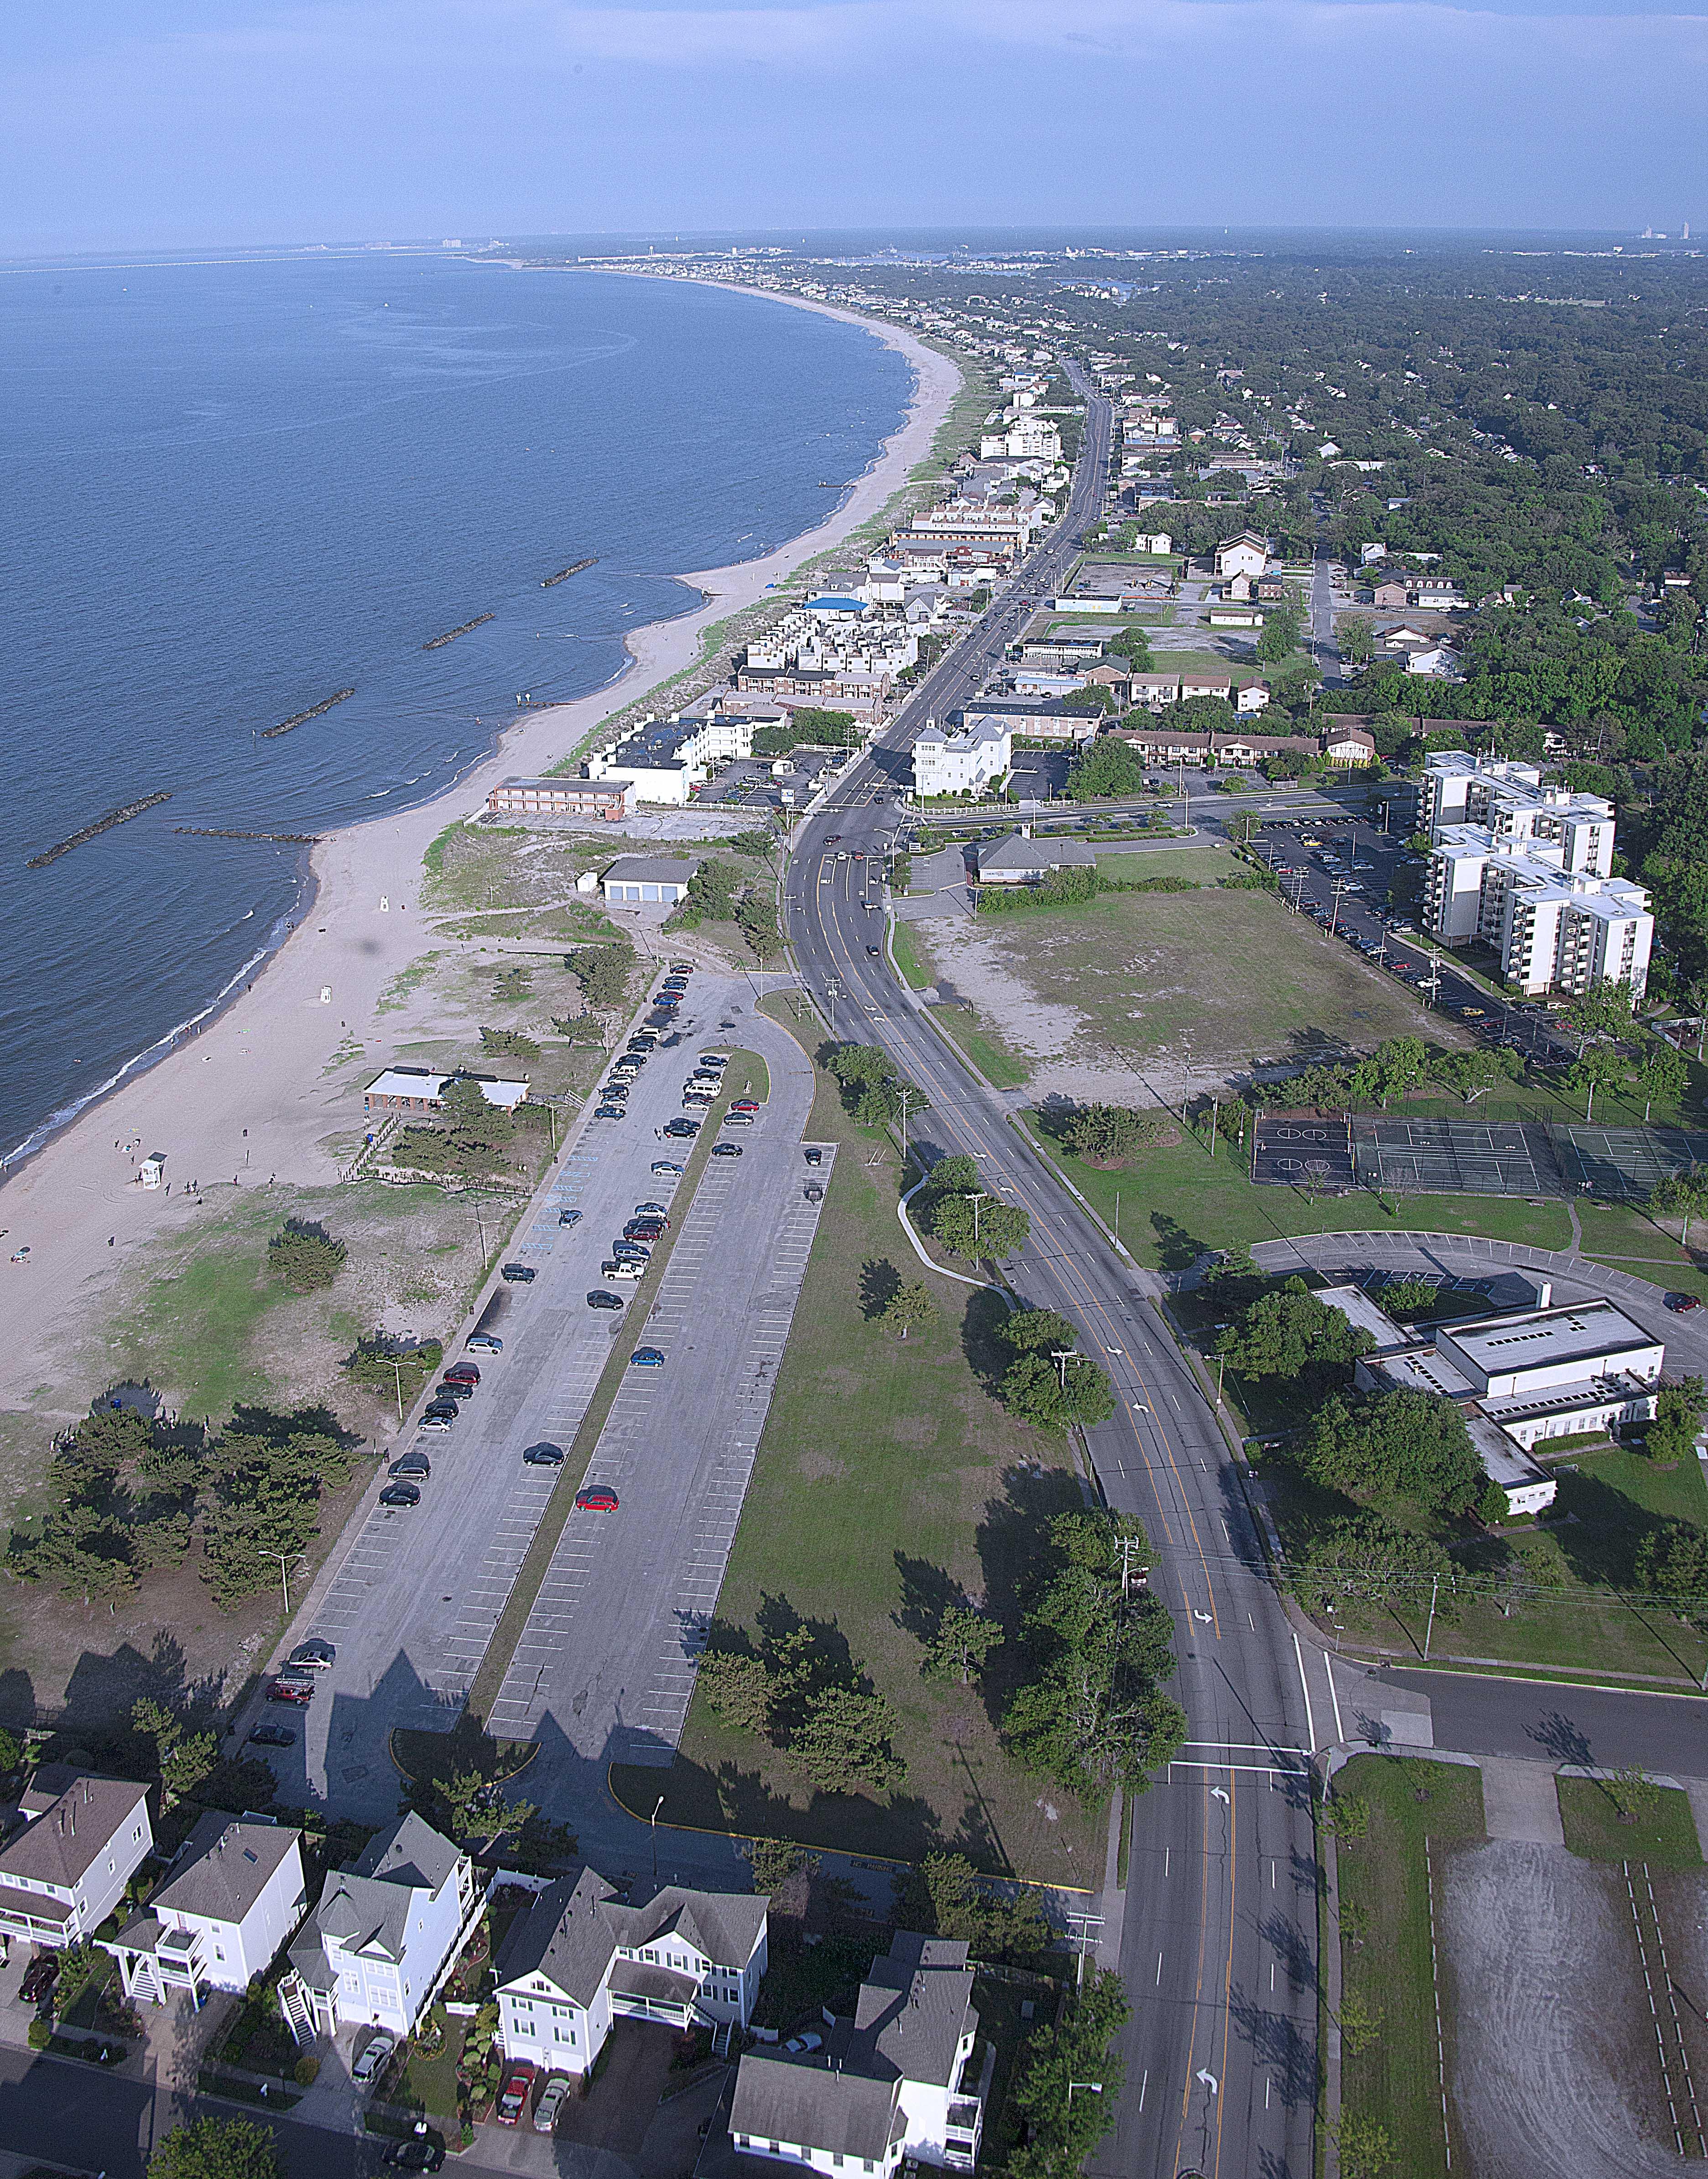 Aerial photo of Ocean View Norfolk